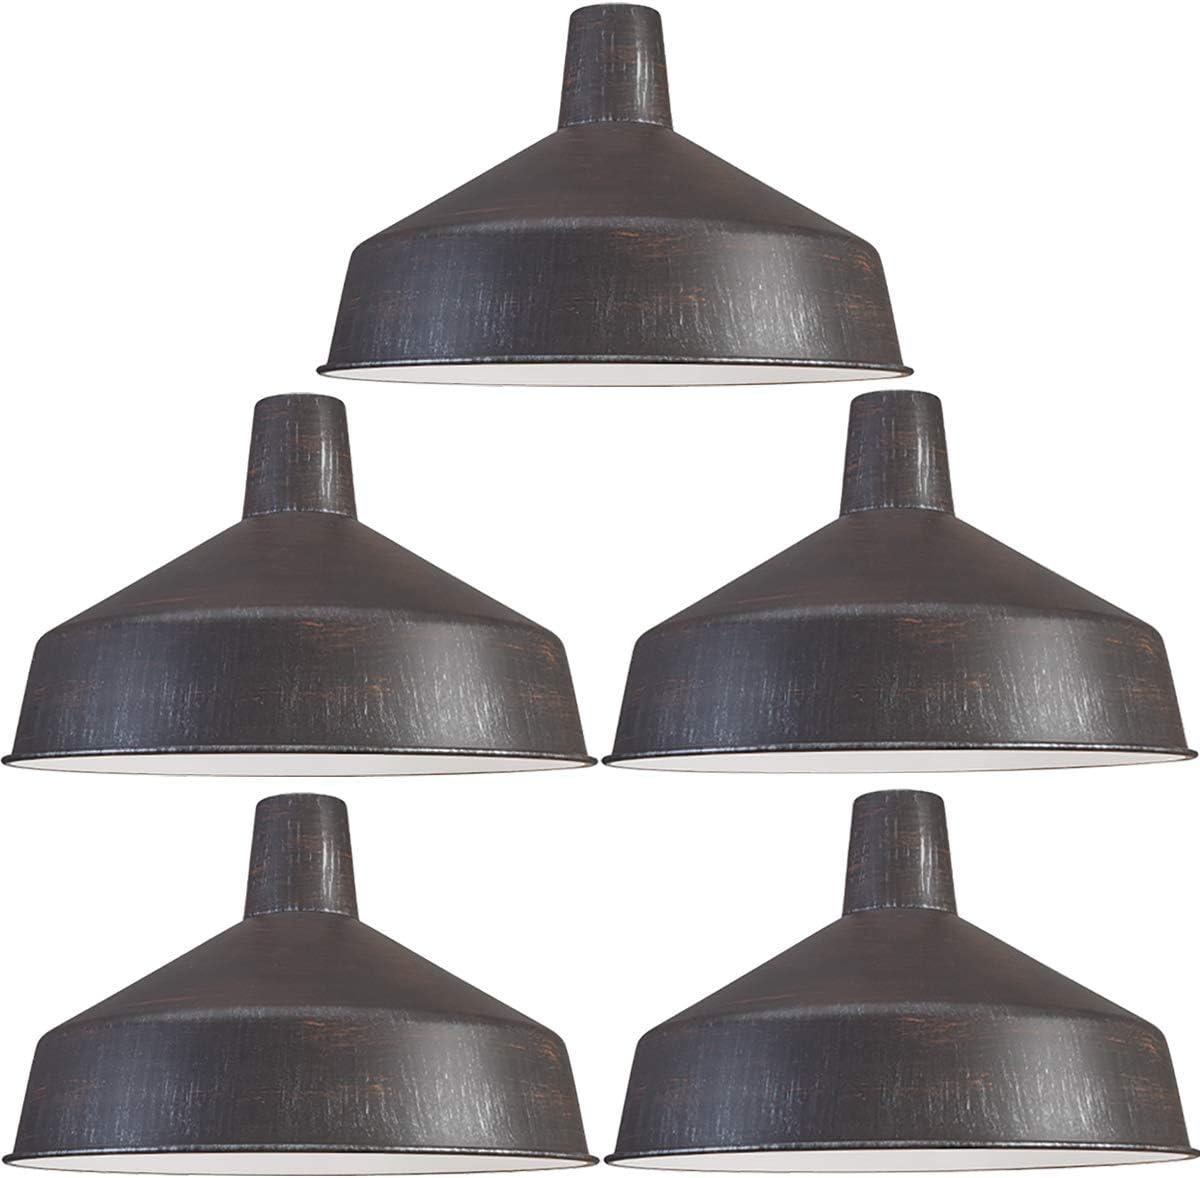 120V Commercial Grade Vintage Barn Style Pendant Light, 16 Shade Diameter Retro Bronze, 5-Pack